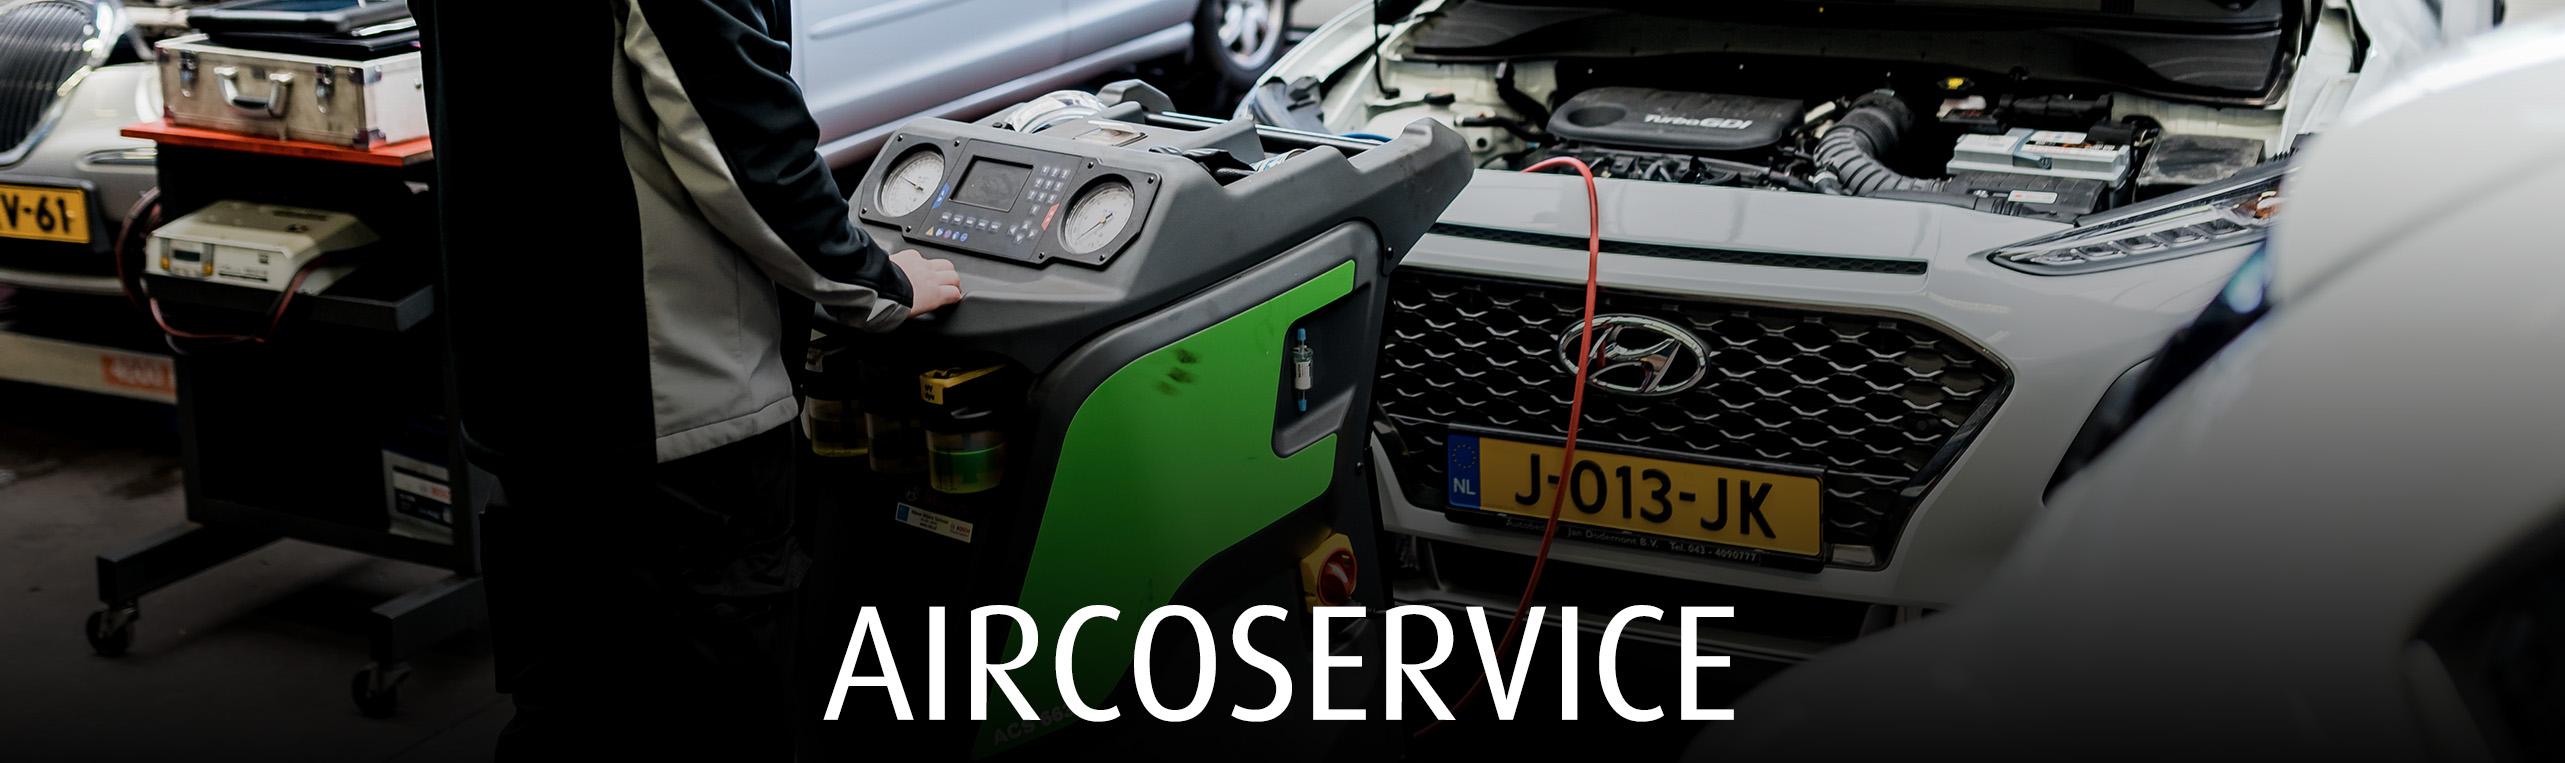 Aircoservice autobedrijf Jan Dodemont garage Eijsden